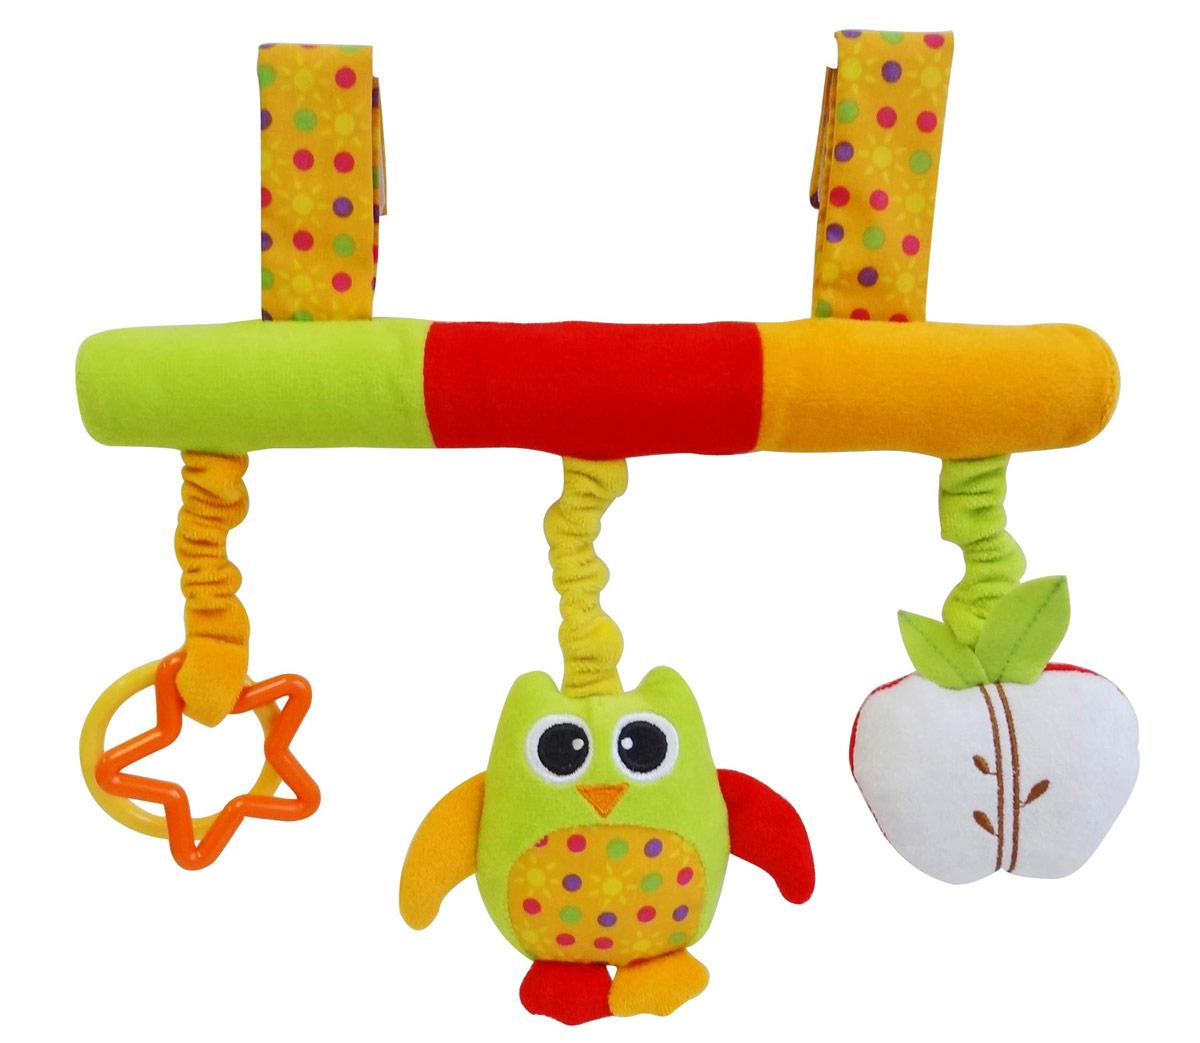 Ути-Пути Игрушка-подвеска Сова38891Игрушки «Ути-пути» несут развлекательный и обучающий характер. Они учат малыша взаимодействовать с окружающим миром, знакомят со свойствами разных предметов, помогают развивать основные рефлексы (внимание, моторику рук, цветовое восприятие). Развивающая игрушка подвеска Сова вешается на кроватку или коляску при помощи липучек. На подвеске есть яблоко шуршалка, Сова погремушка и пластиковые фигурки. Игрушка привлекает внимание и способствует развитию слуха и зрения.